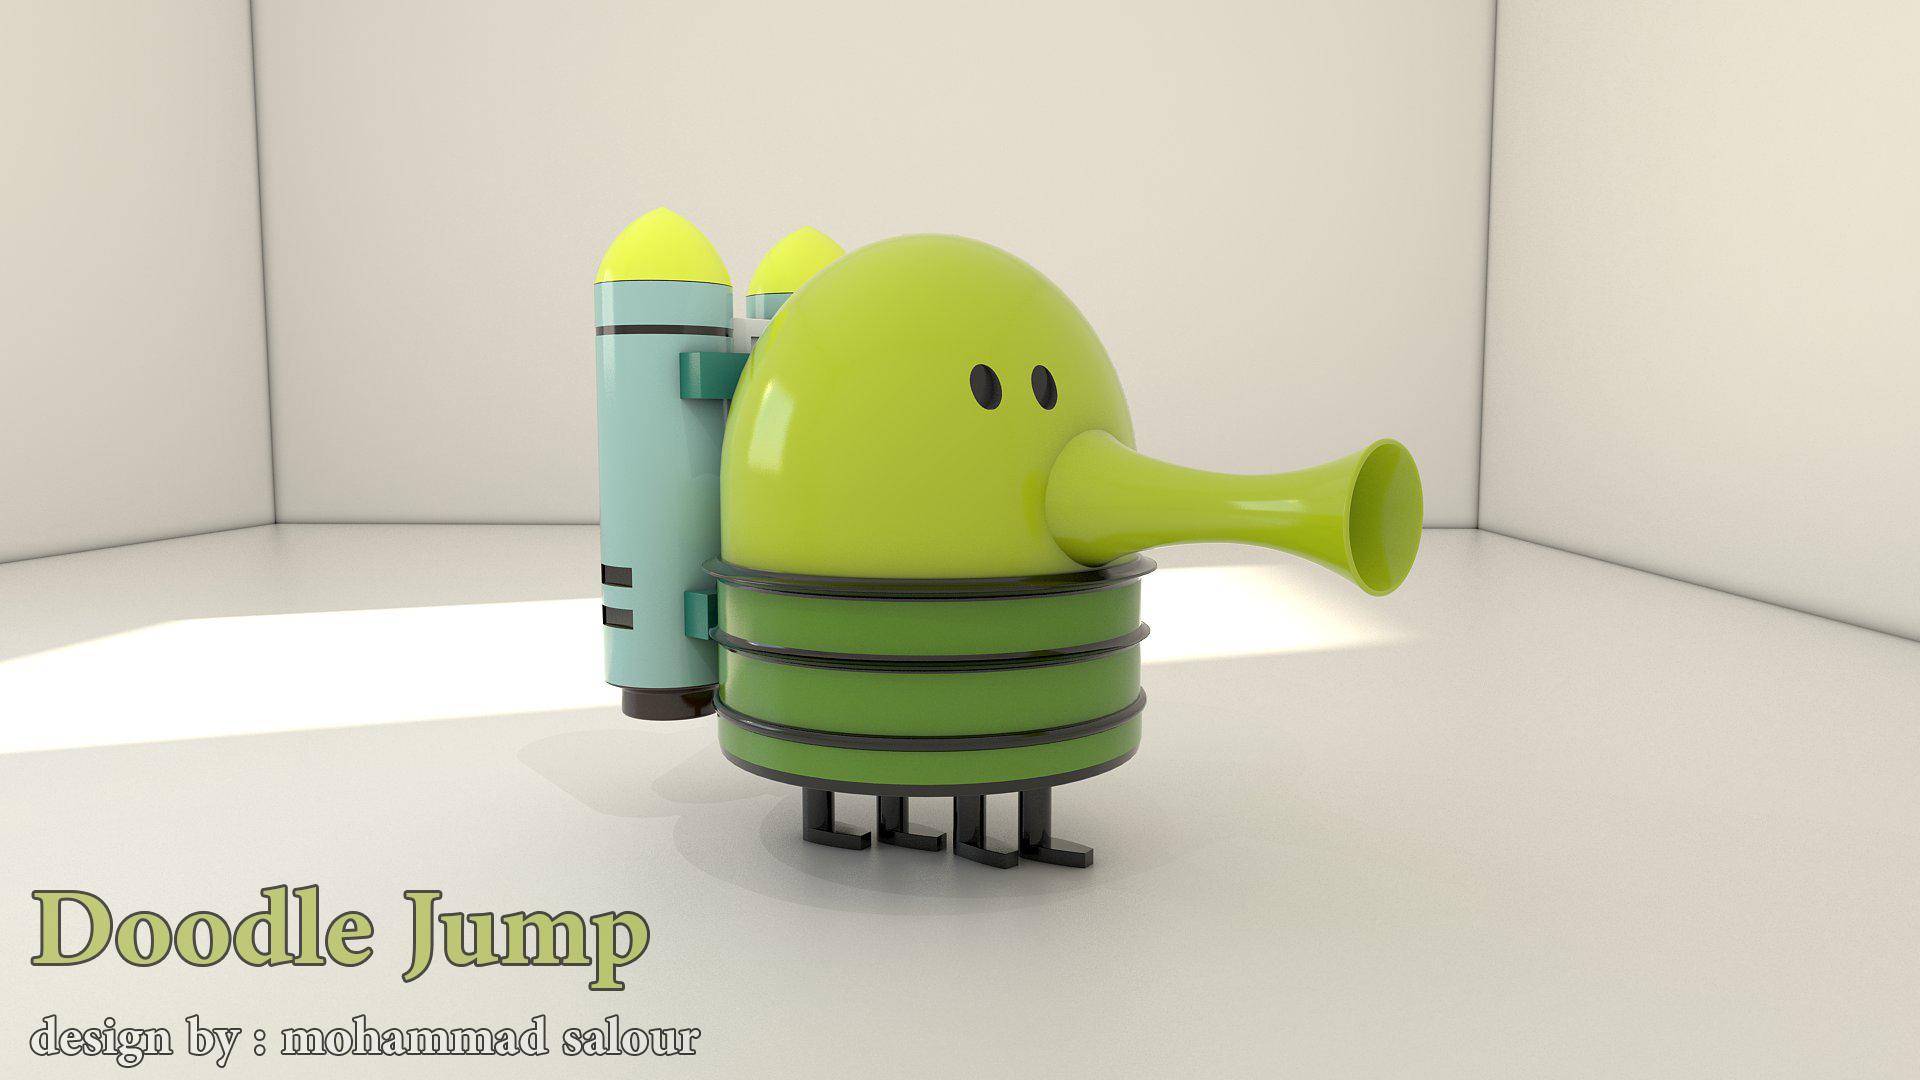 3D HD Doodle Jump pic